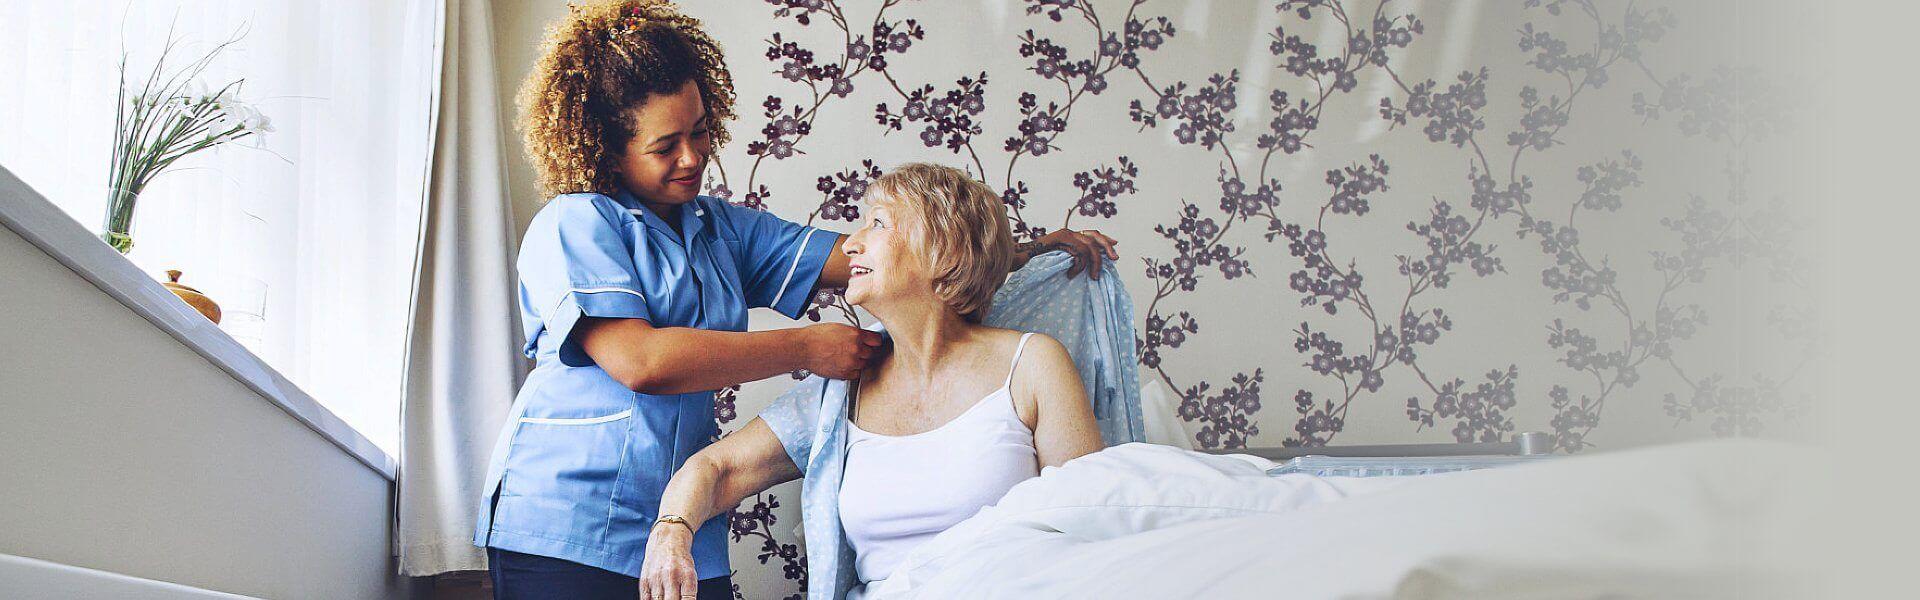 caregiver helping elder woman get dressed